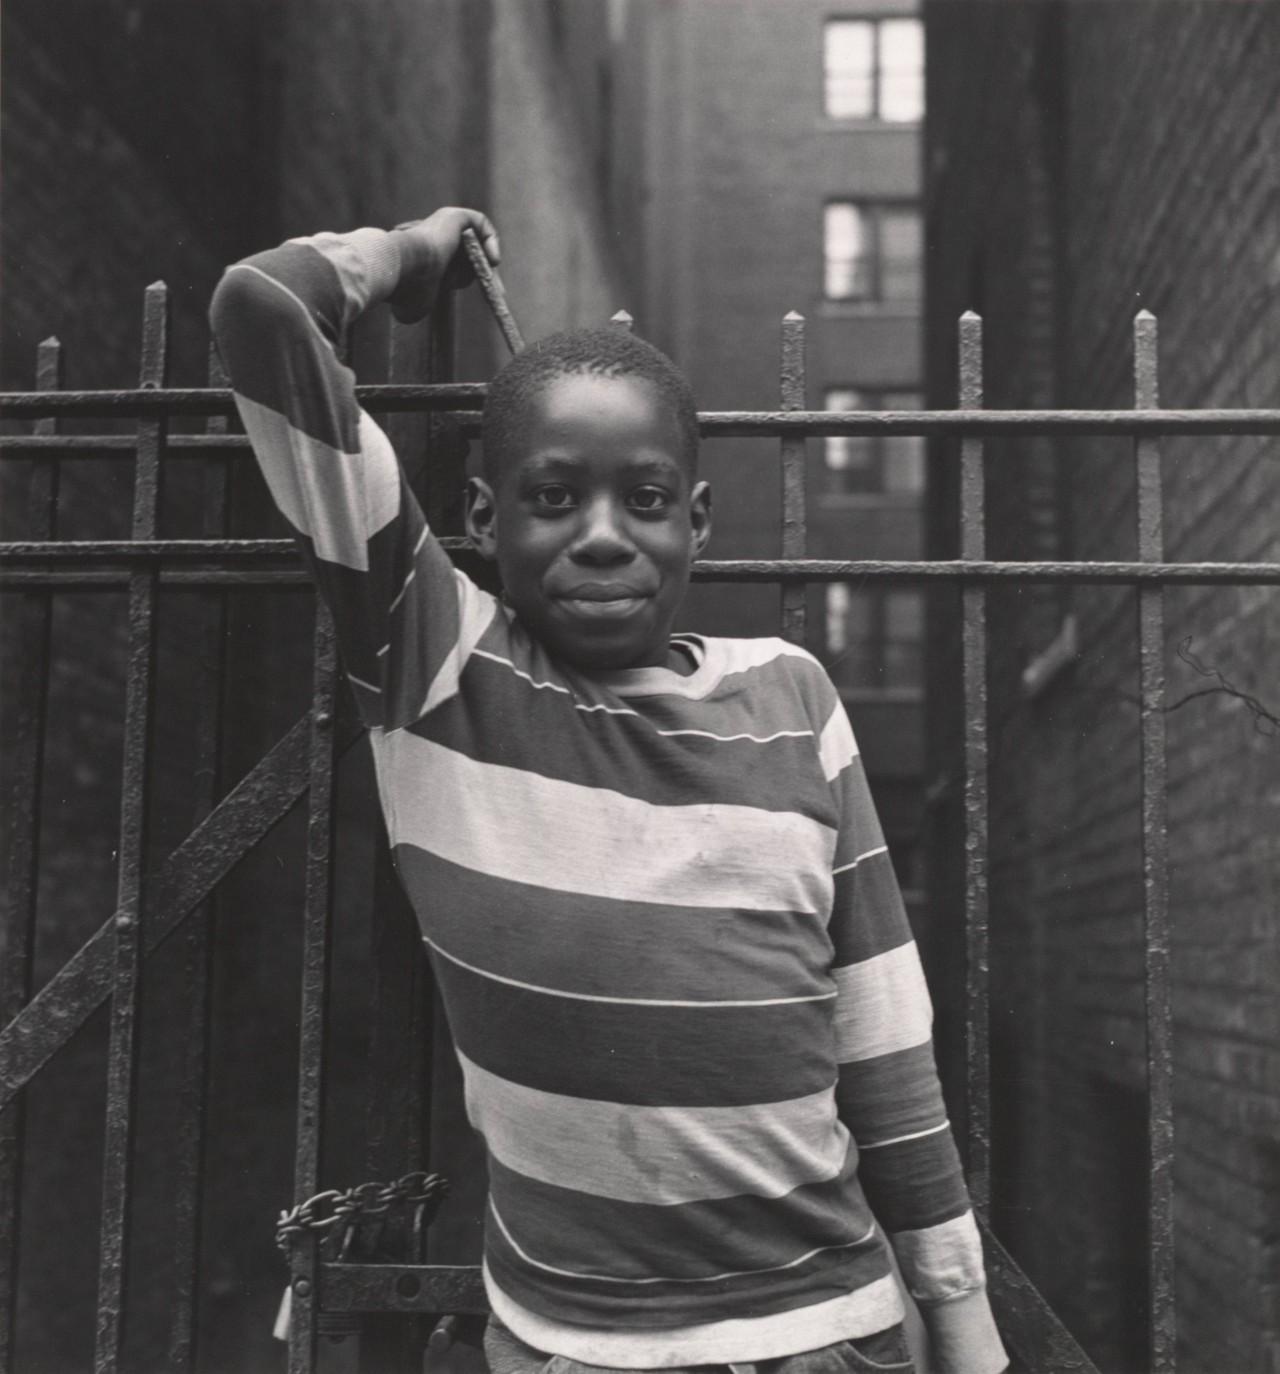 Мальчик в Нью-Йорке, 1956. Фотограф Имоджен Каннингем